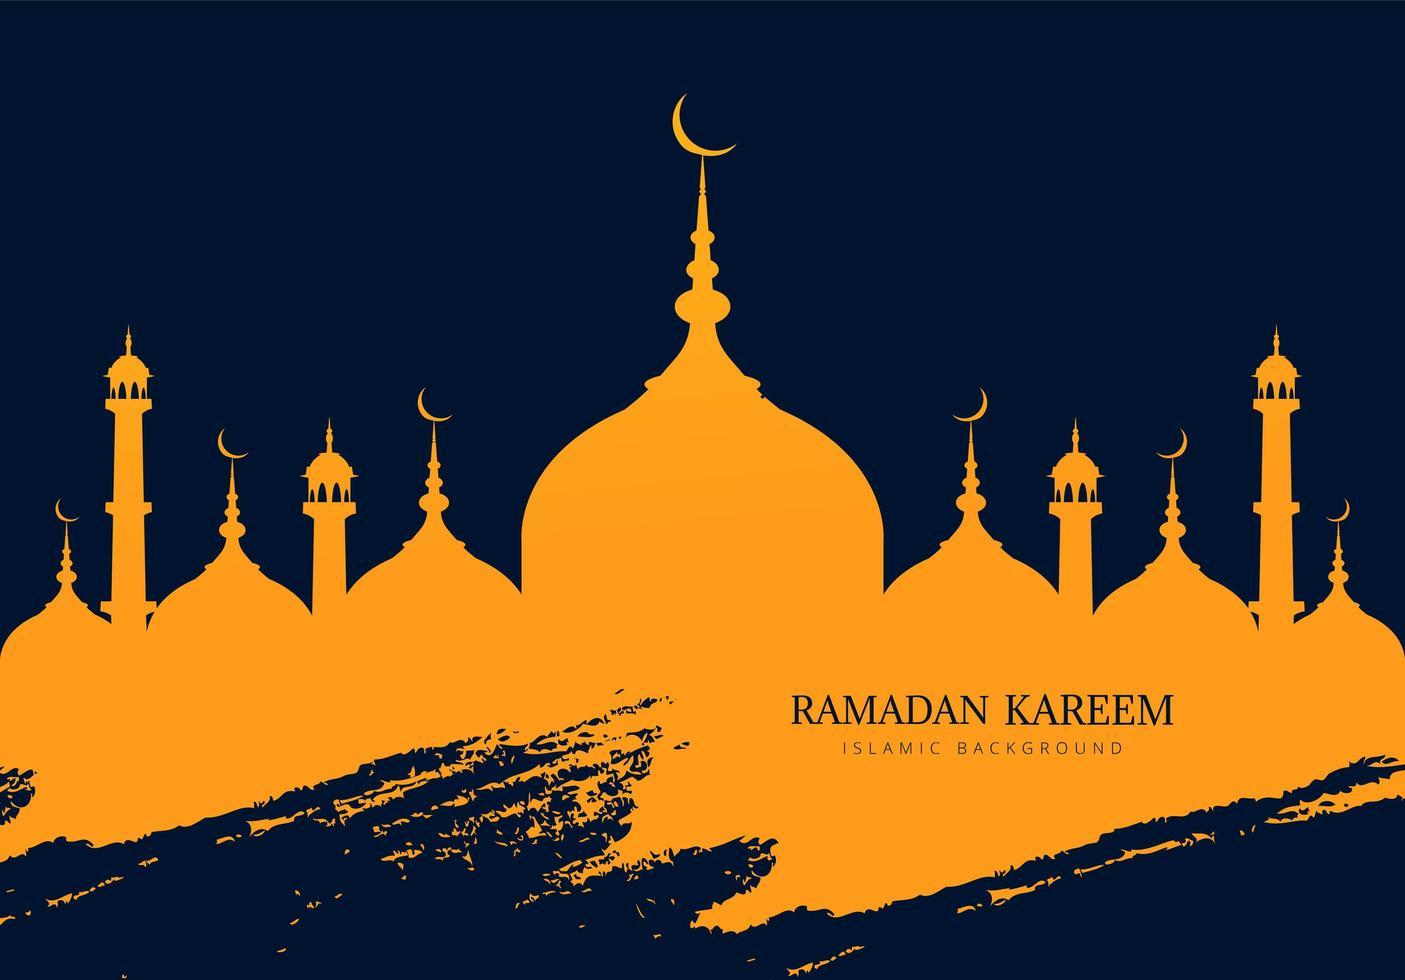 sagoma della moschea di Ramadan Kareem con tratto blu grunge vettore